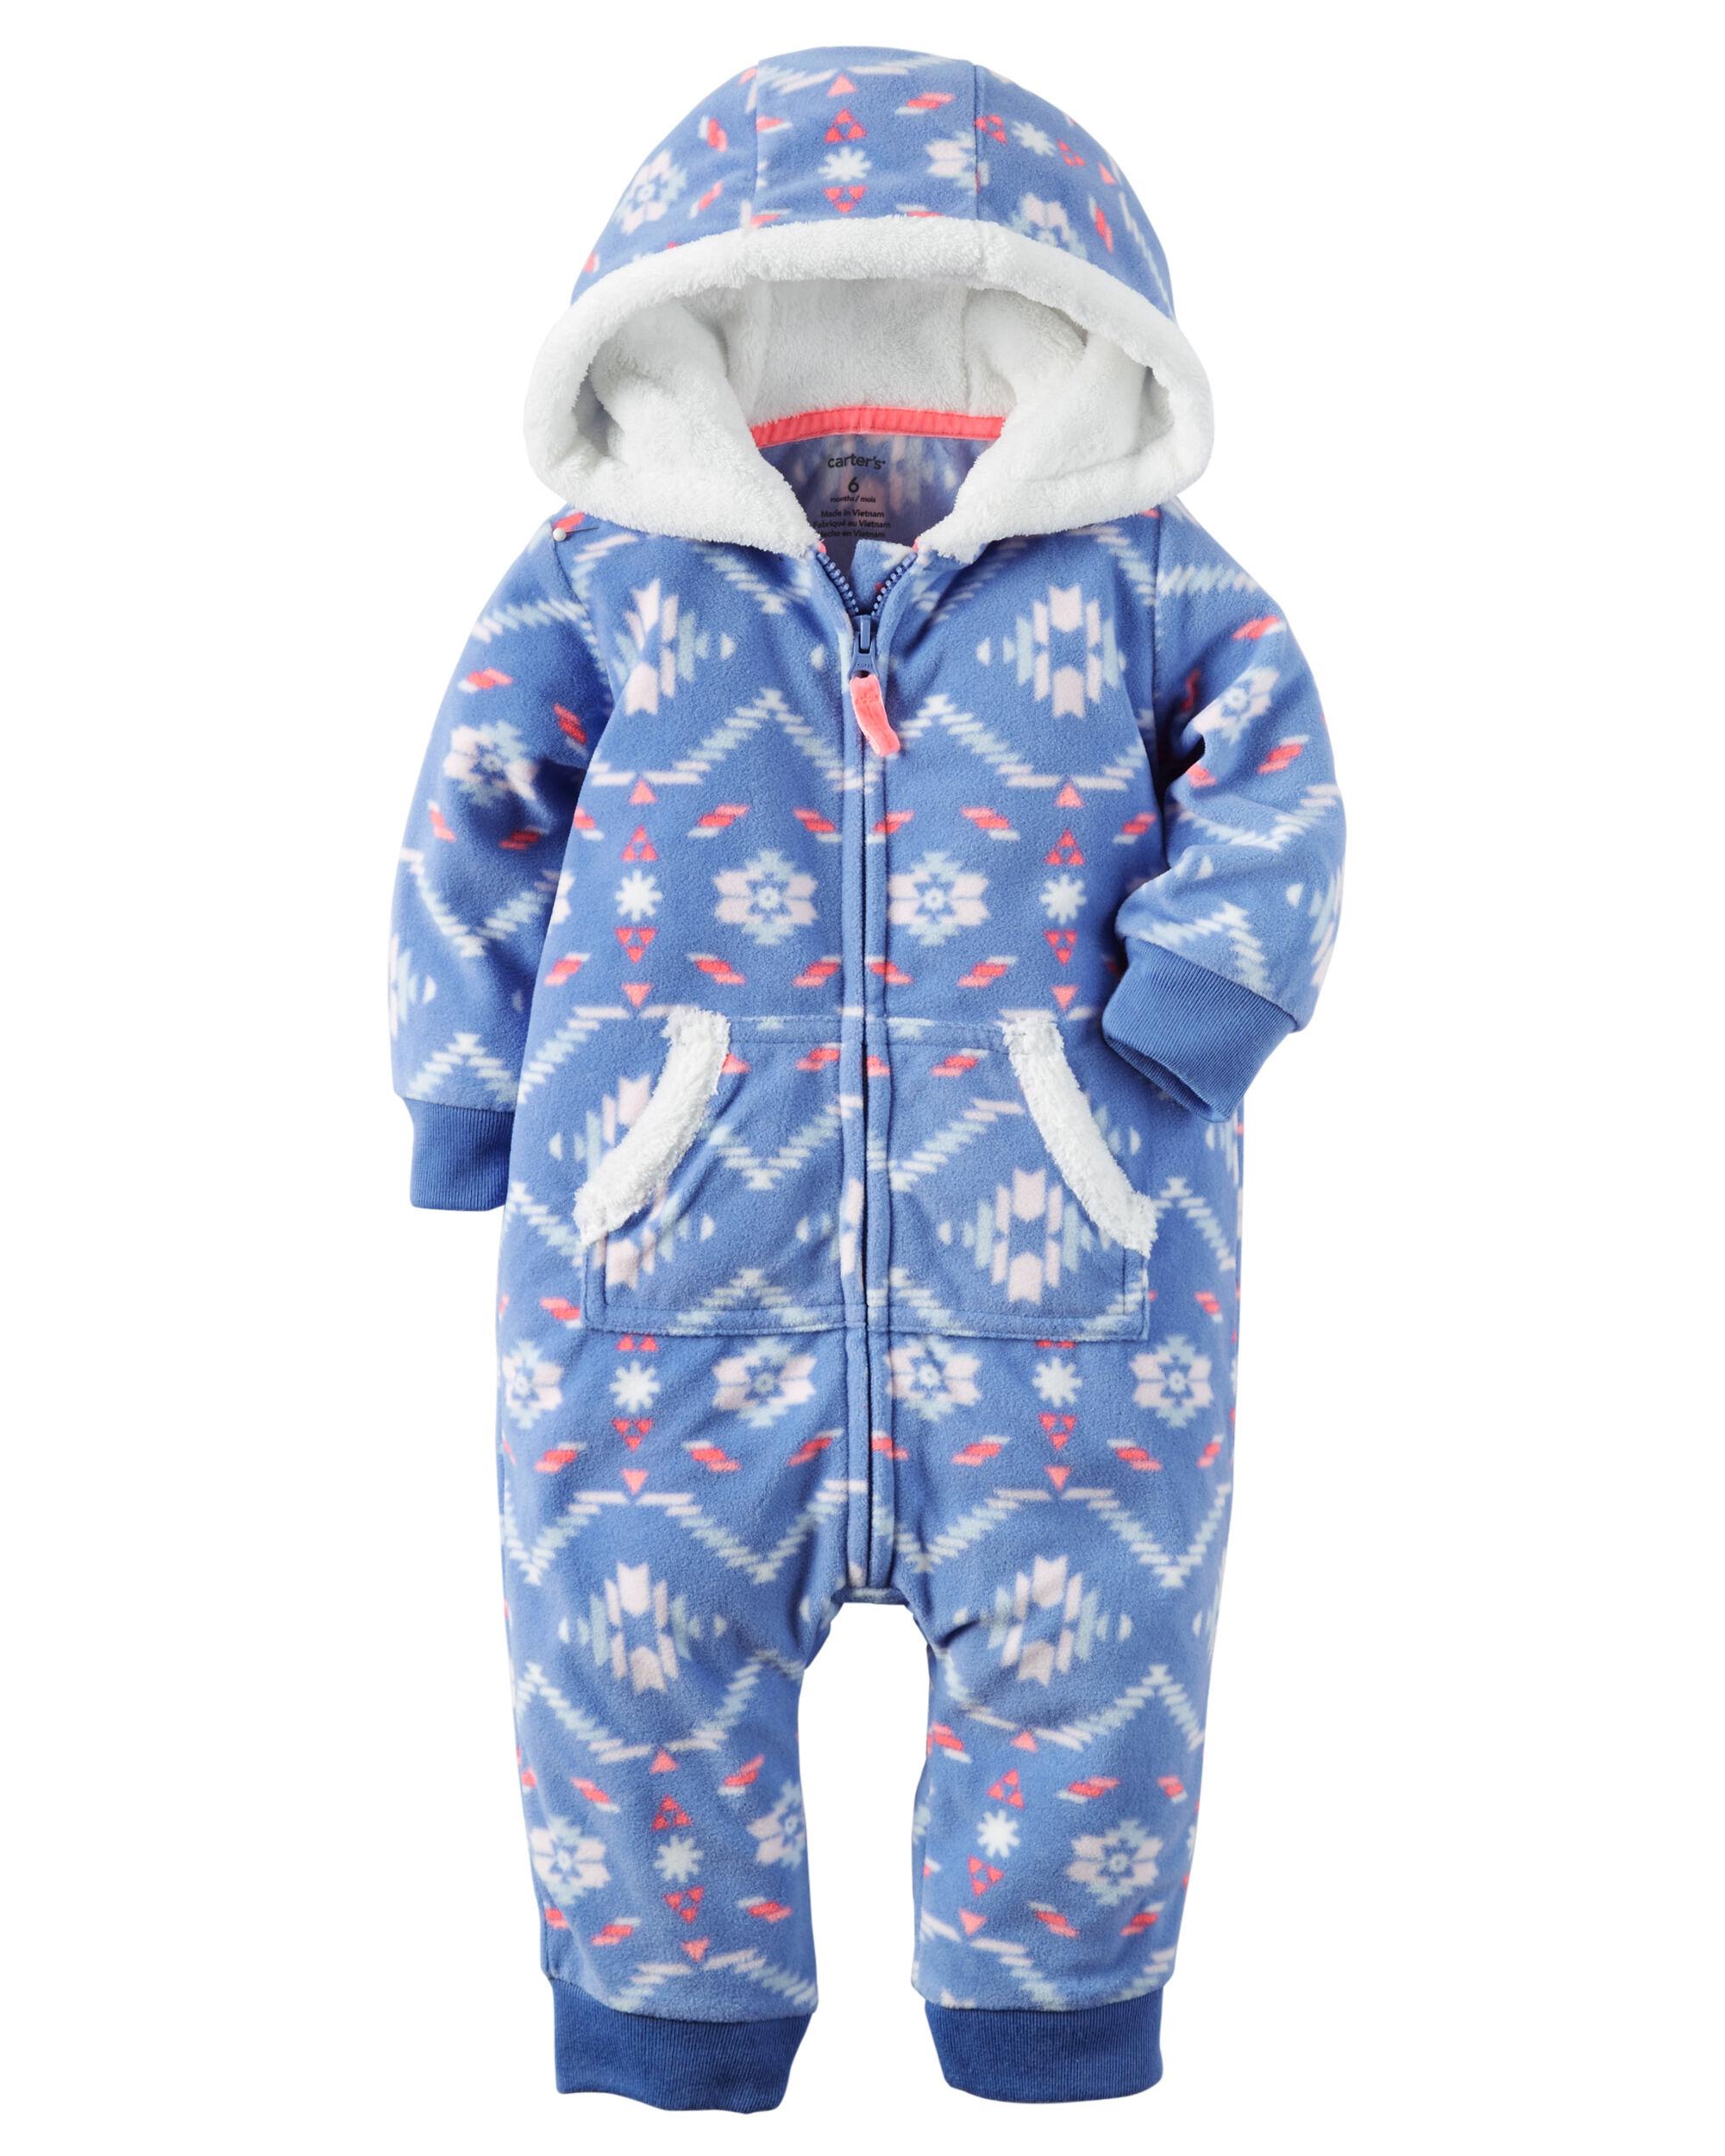 Hooded Fleece Jumpsuit Carters Com